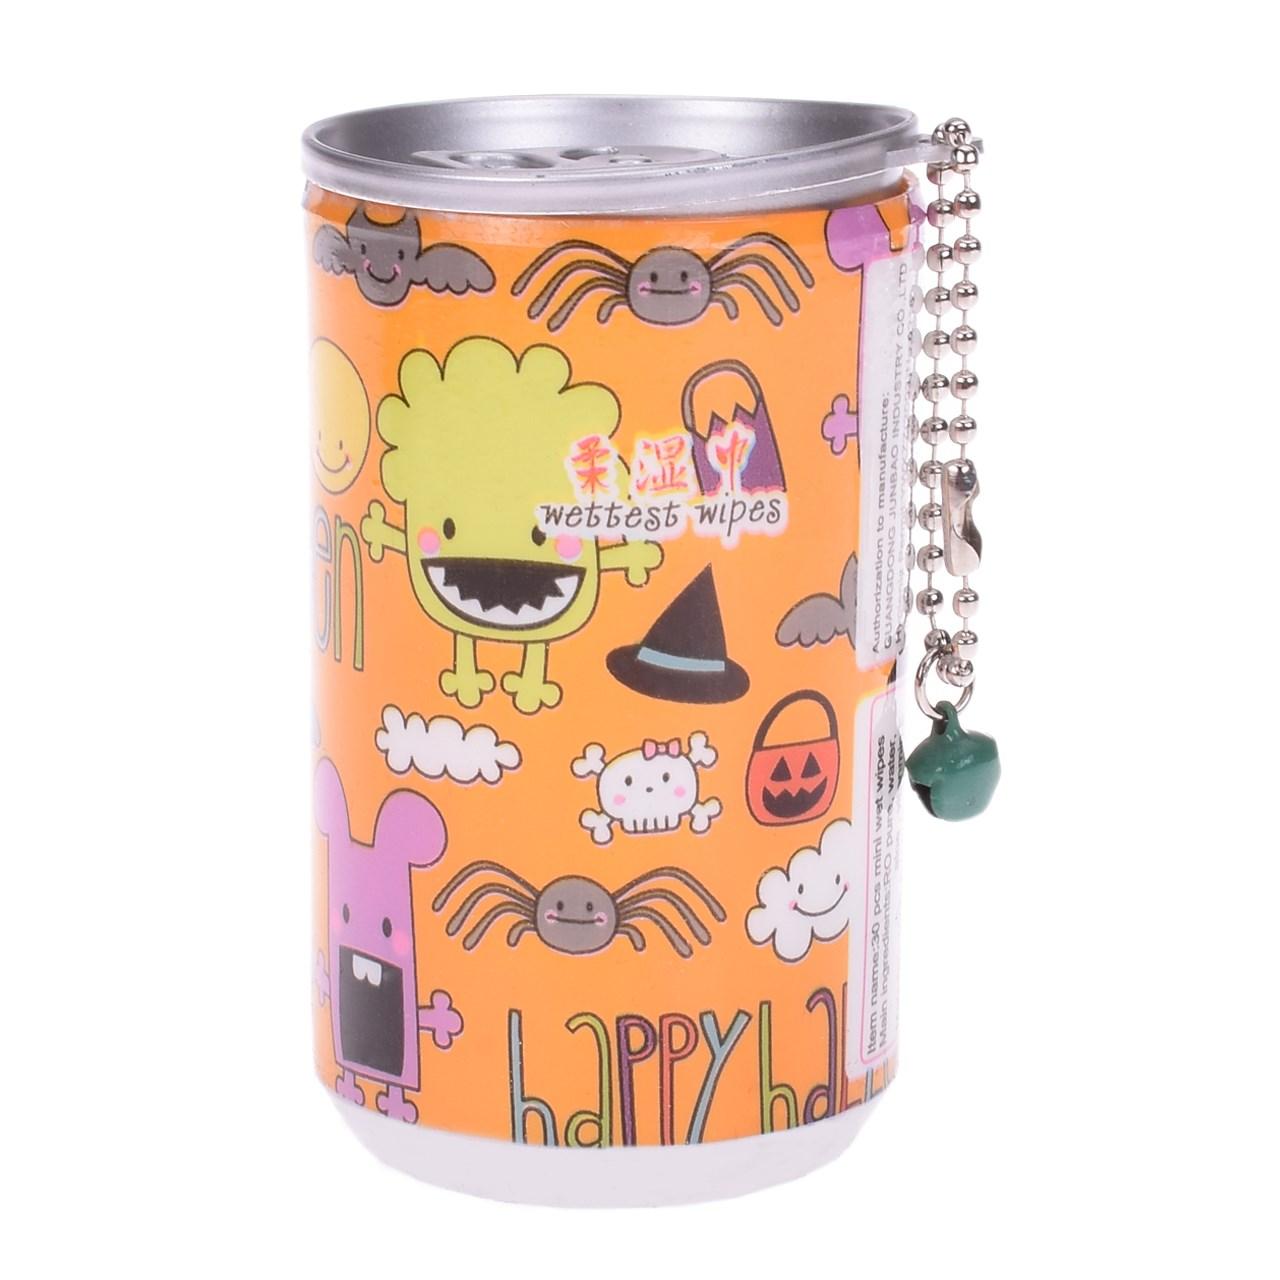 دستمال مرطوب ترانه مدل halloween 3 بسته 30 عددی